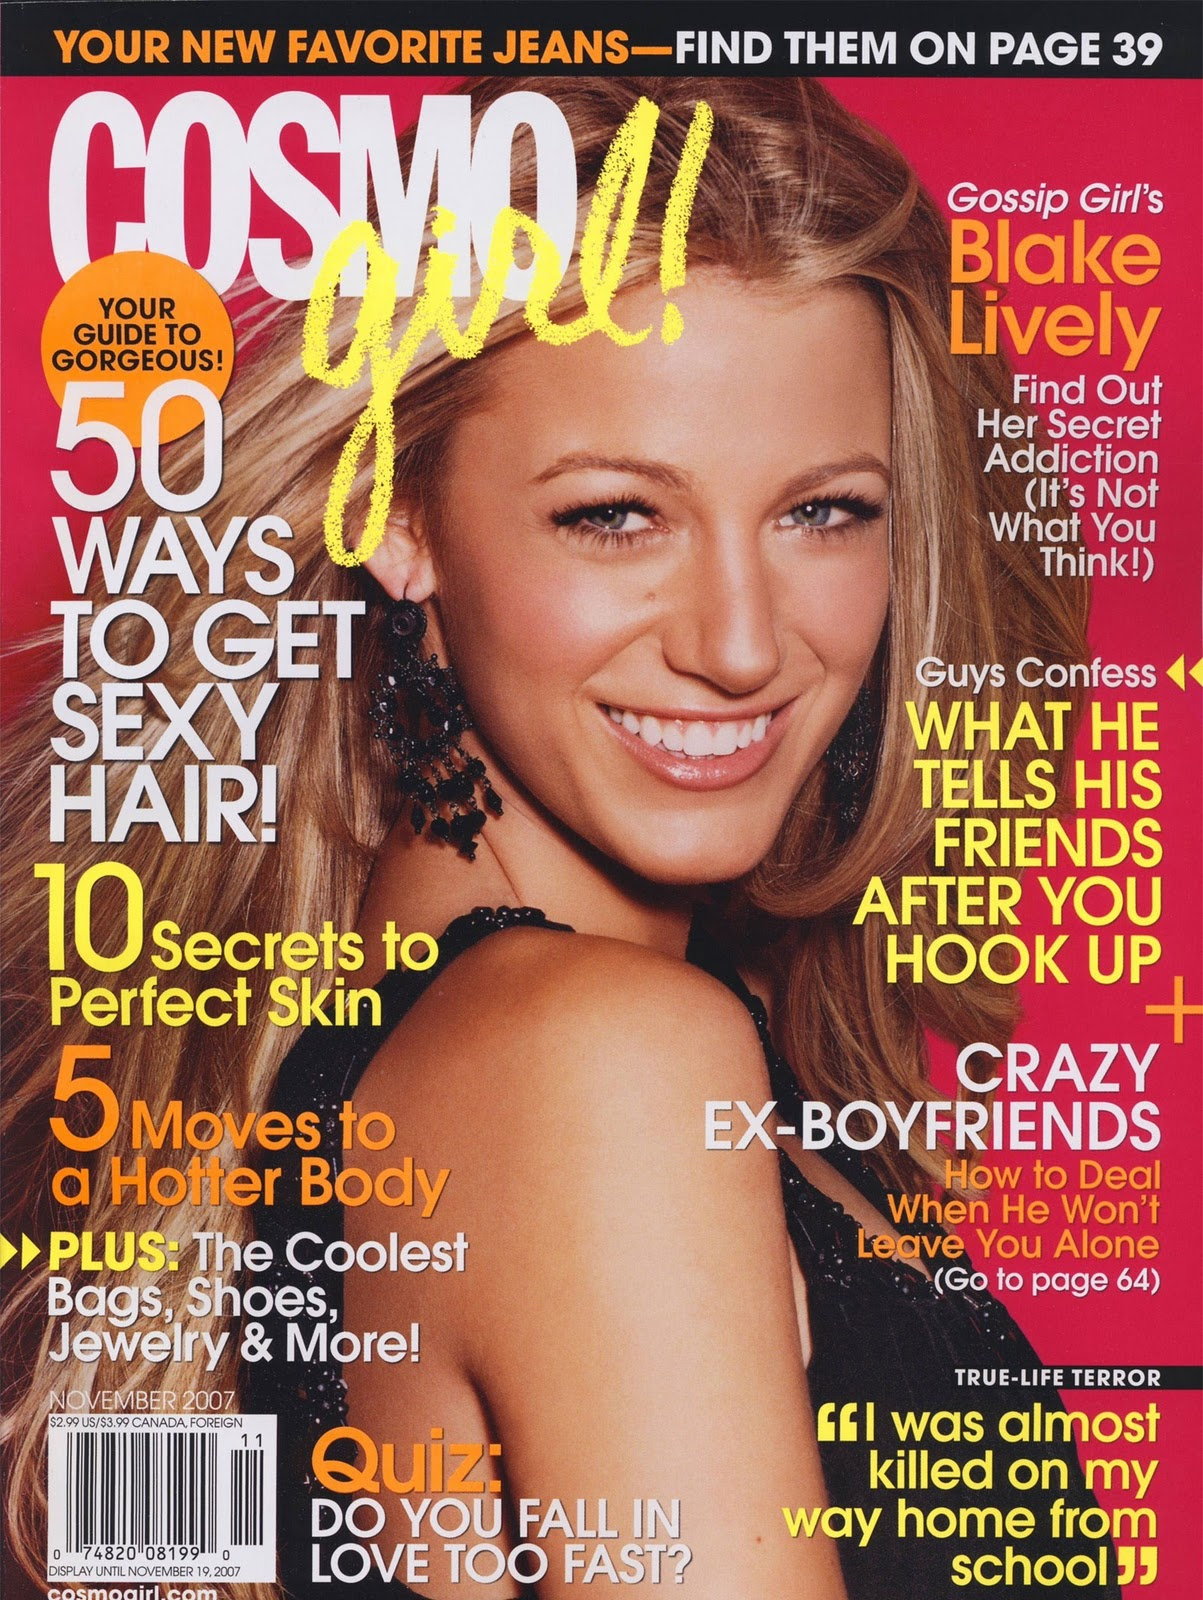 Cosmopolitan magazine analysis